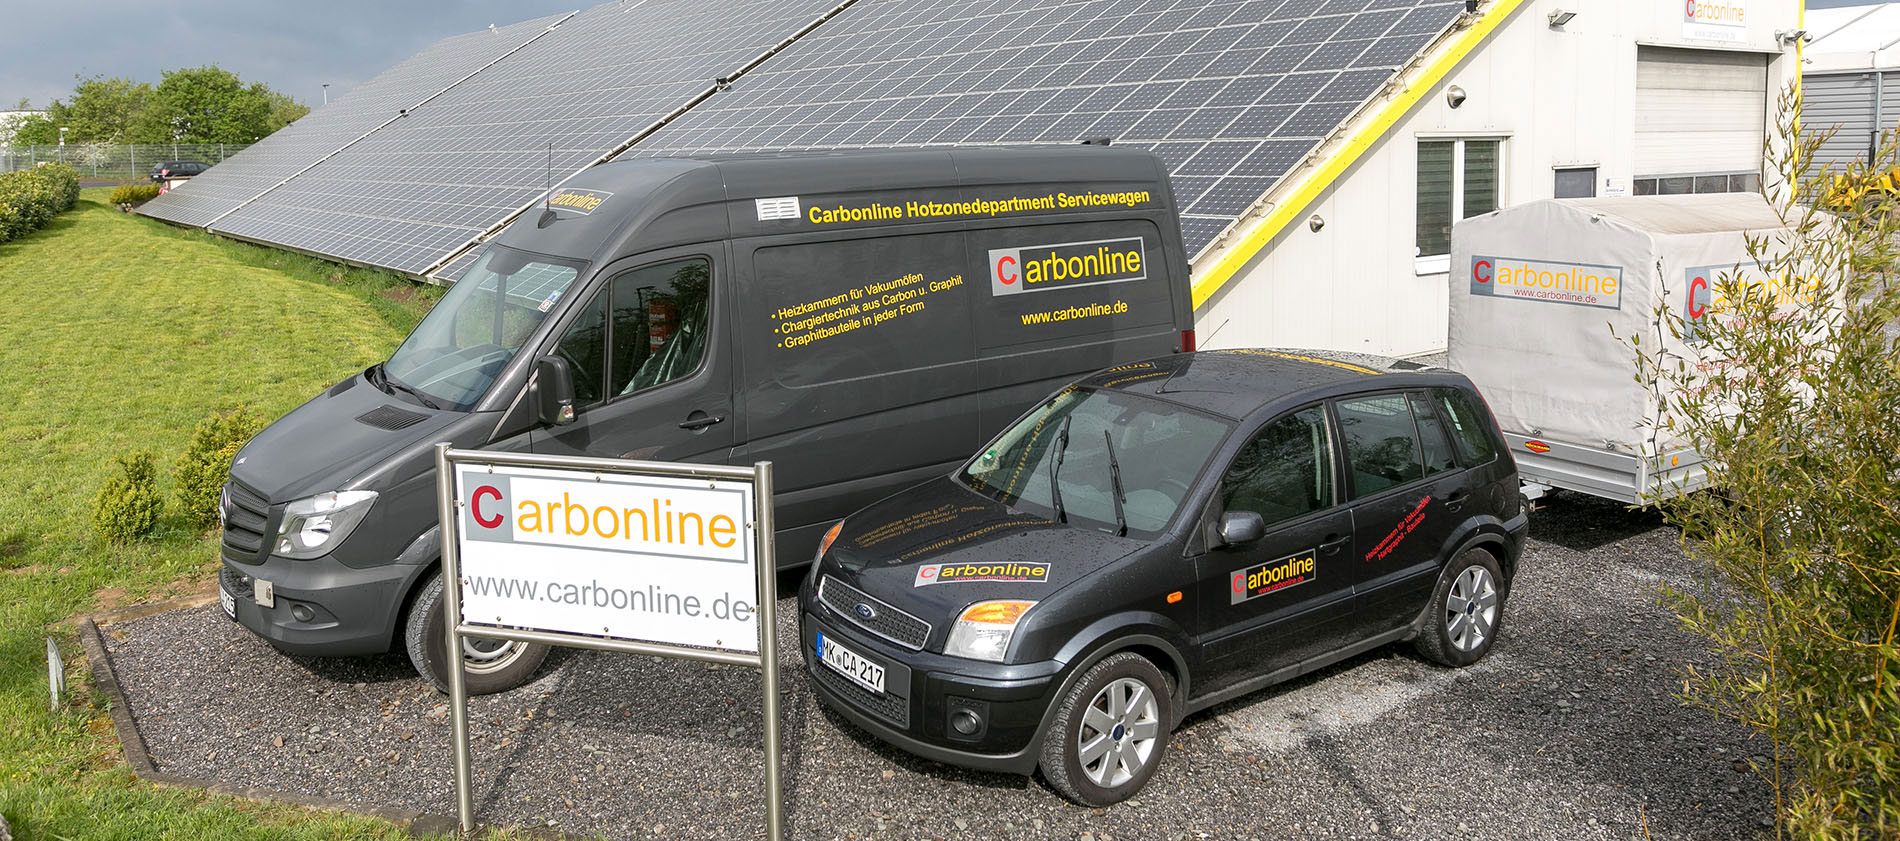 Carbonline Auto und Transporter vor Haus